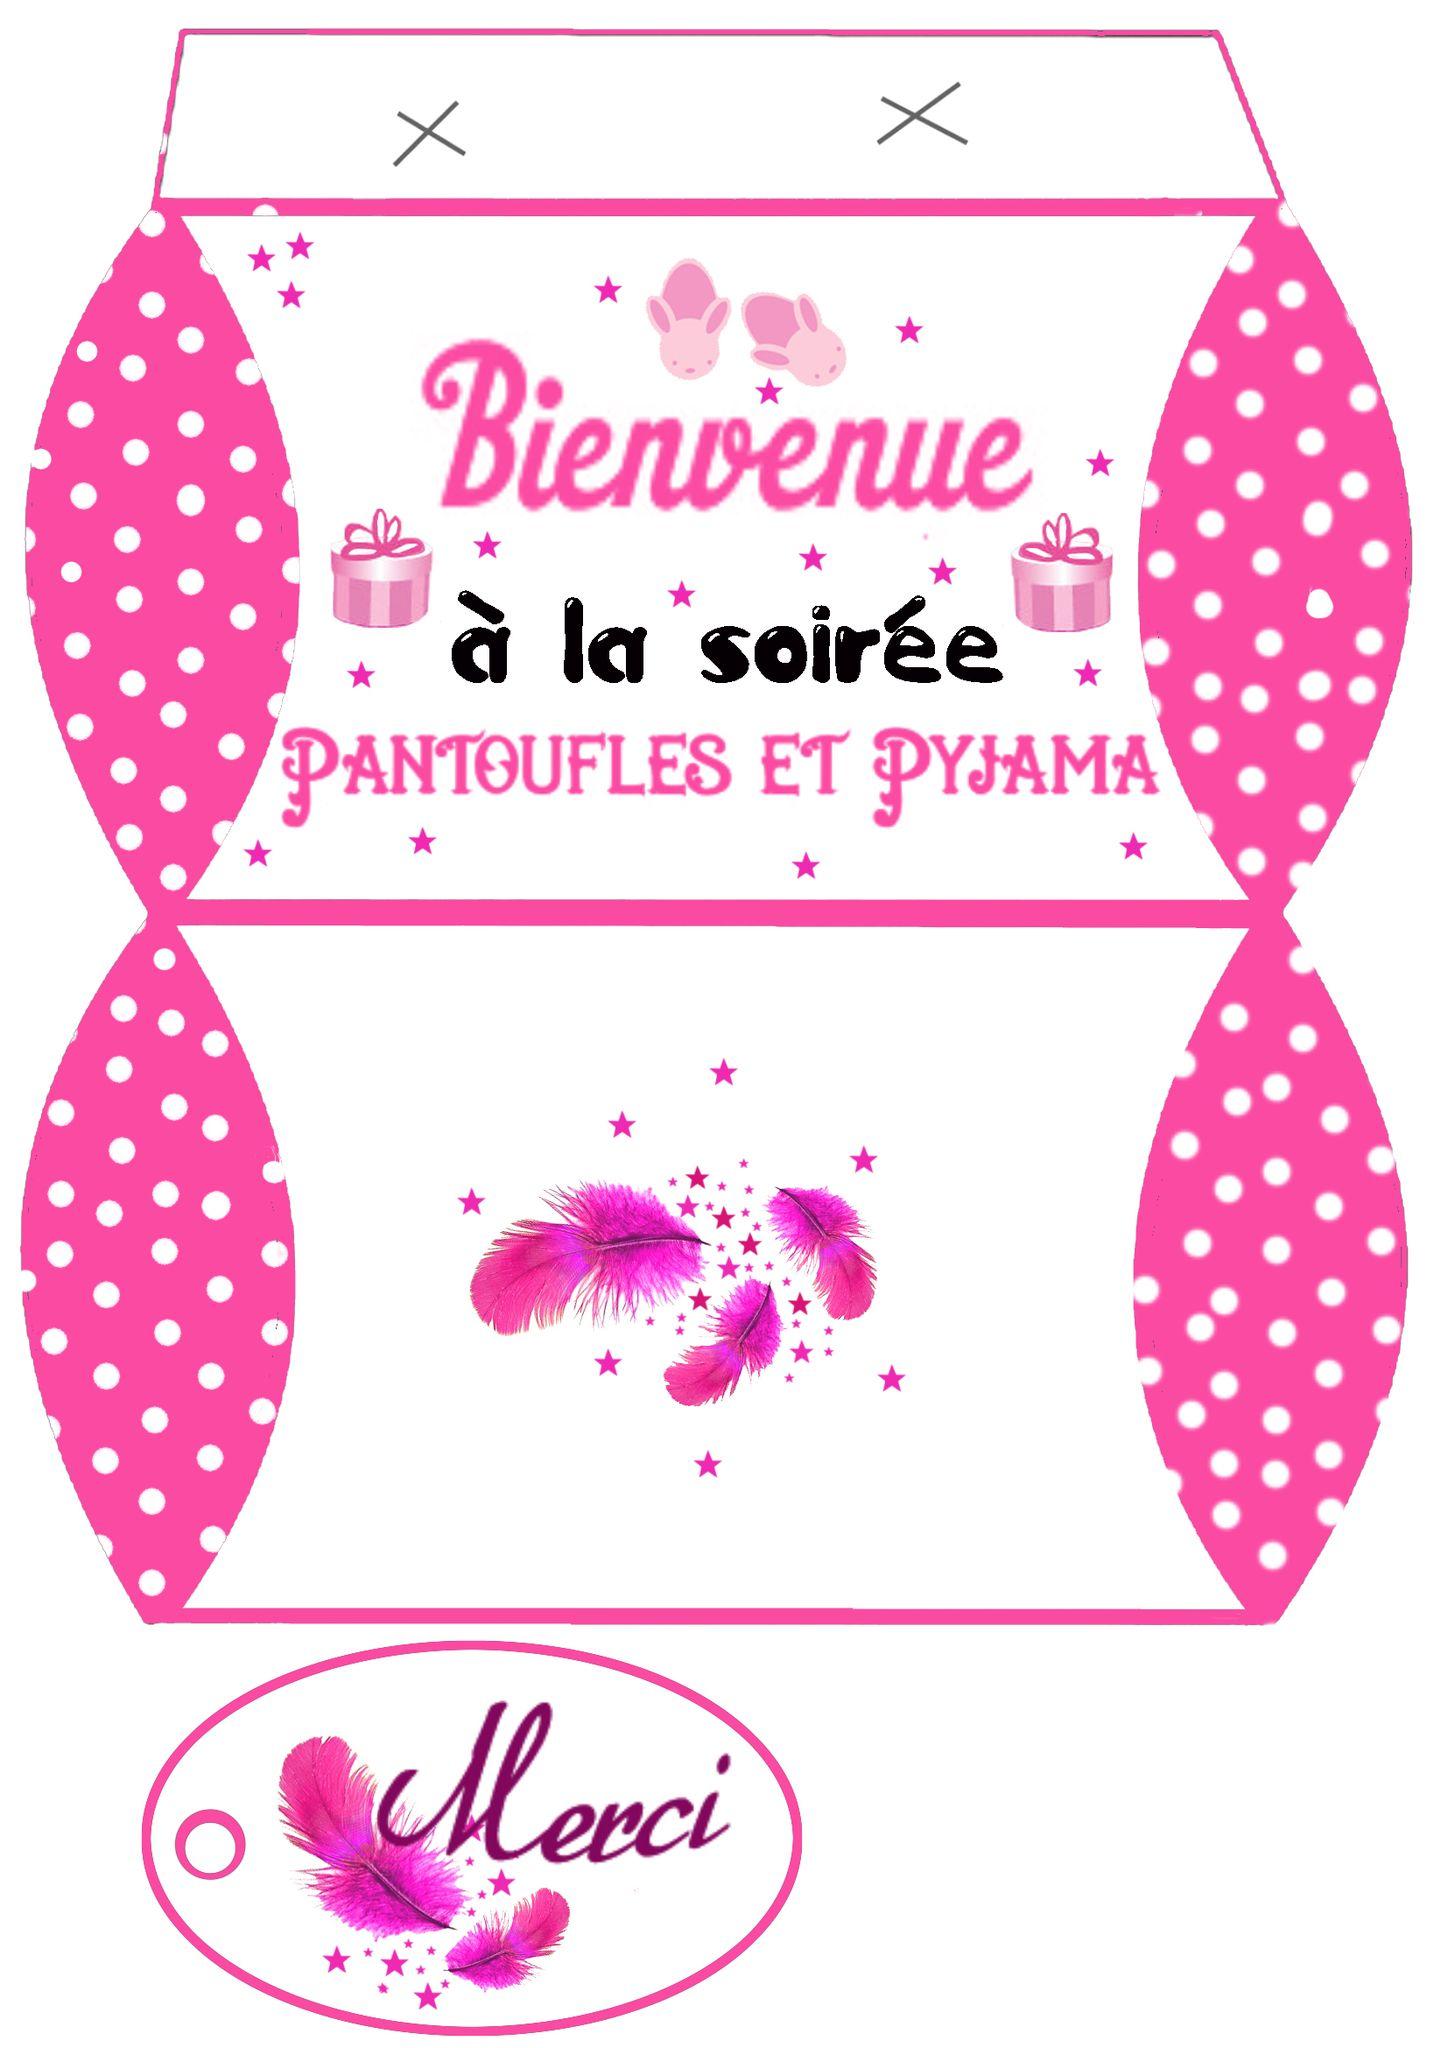 PYJAMA PARTIE ET SOIREE CONTES SUR L'OREILLER ....chouette ...